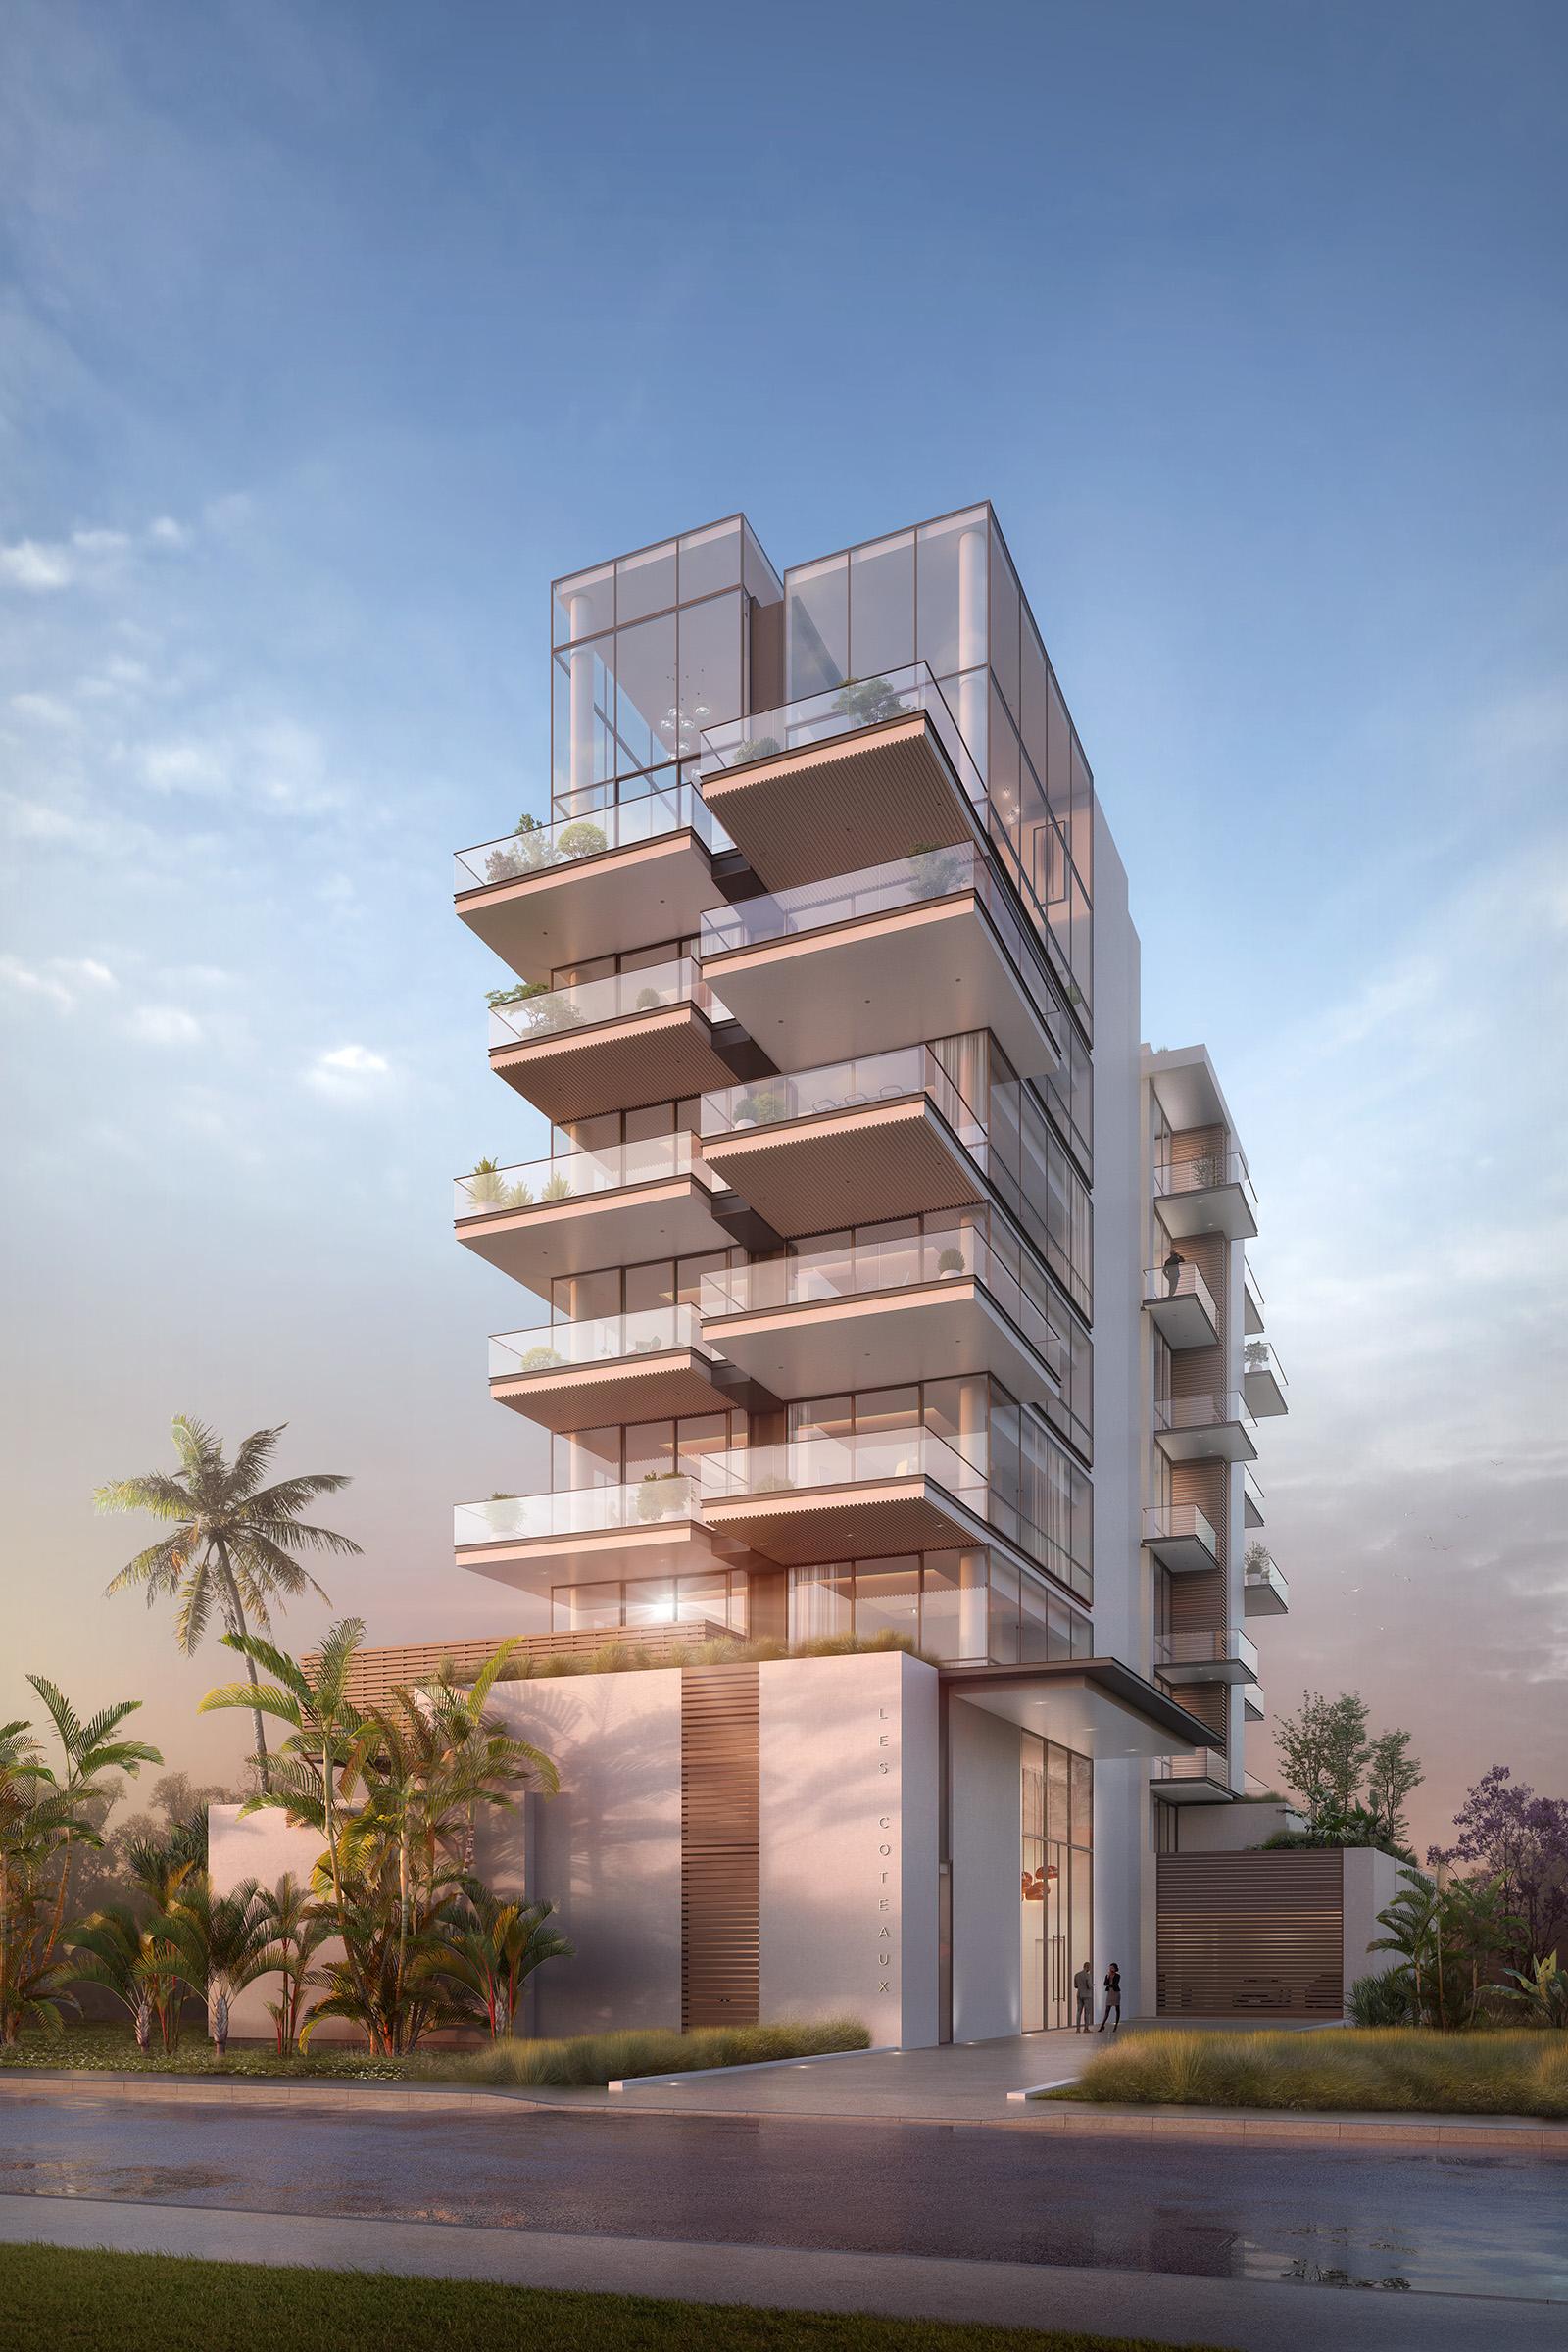 Image de promotion immobilière de logements et leurs grandes terrasses à la tombée de la nuit